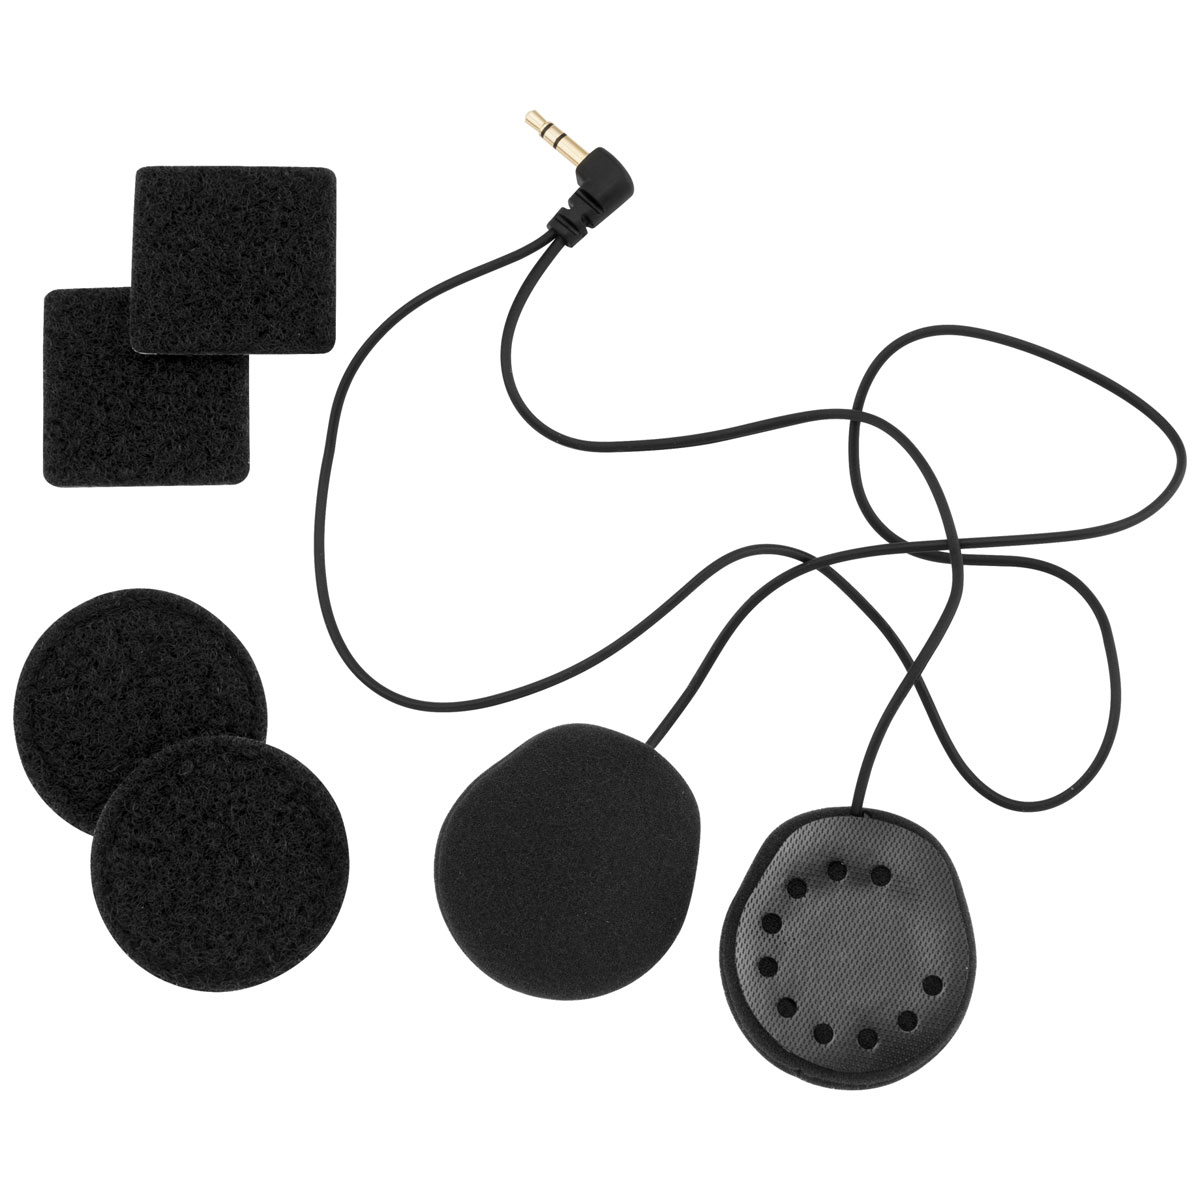 Cardo 40mm Speaker Kit